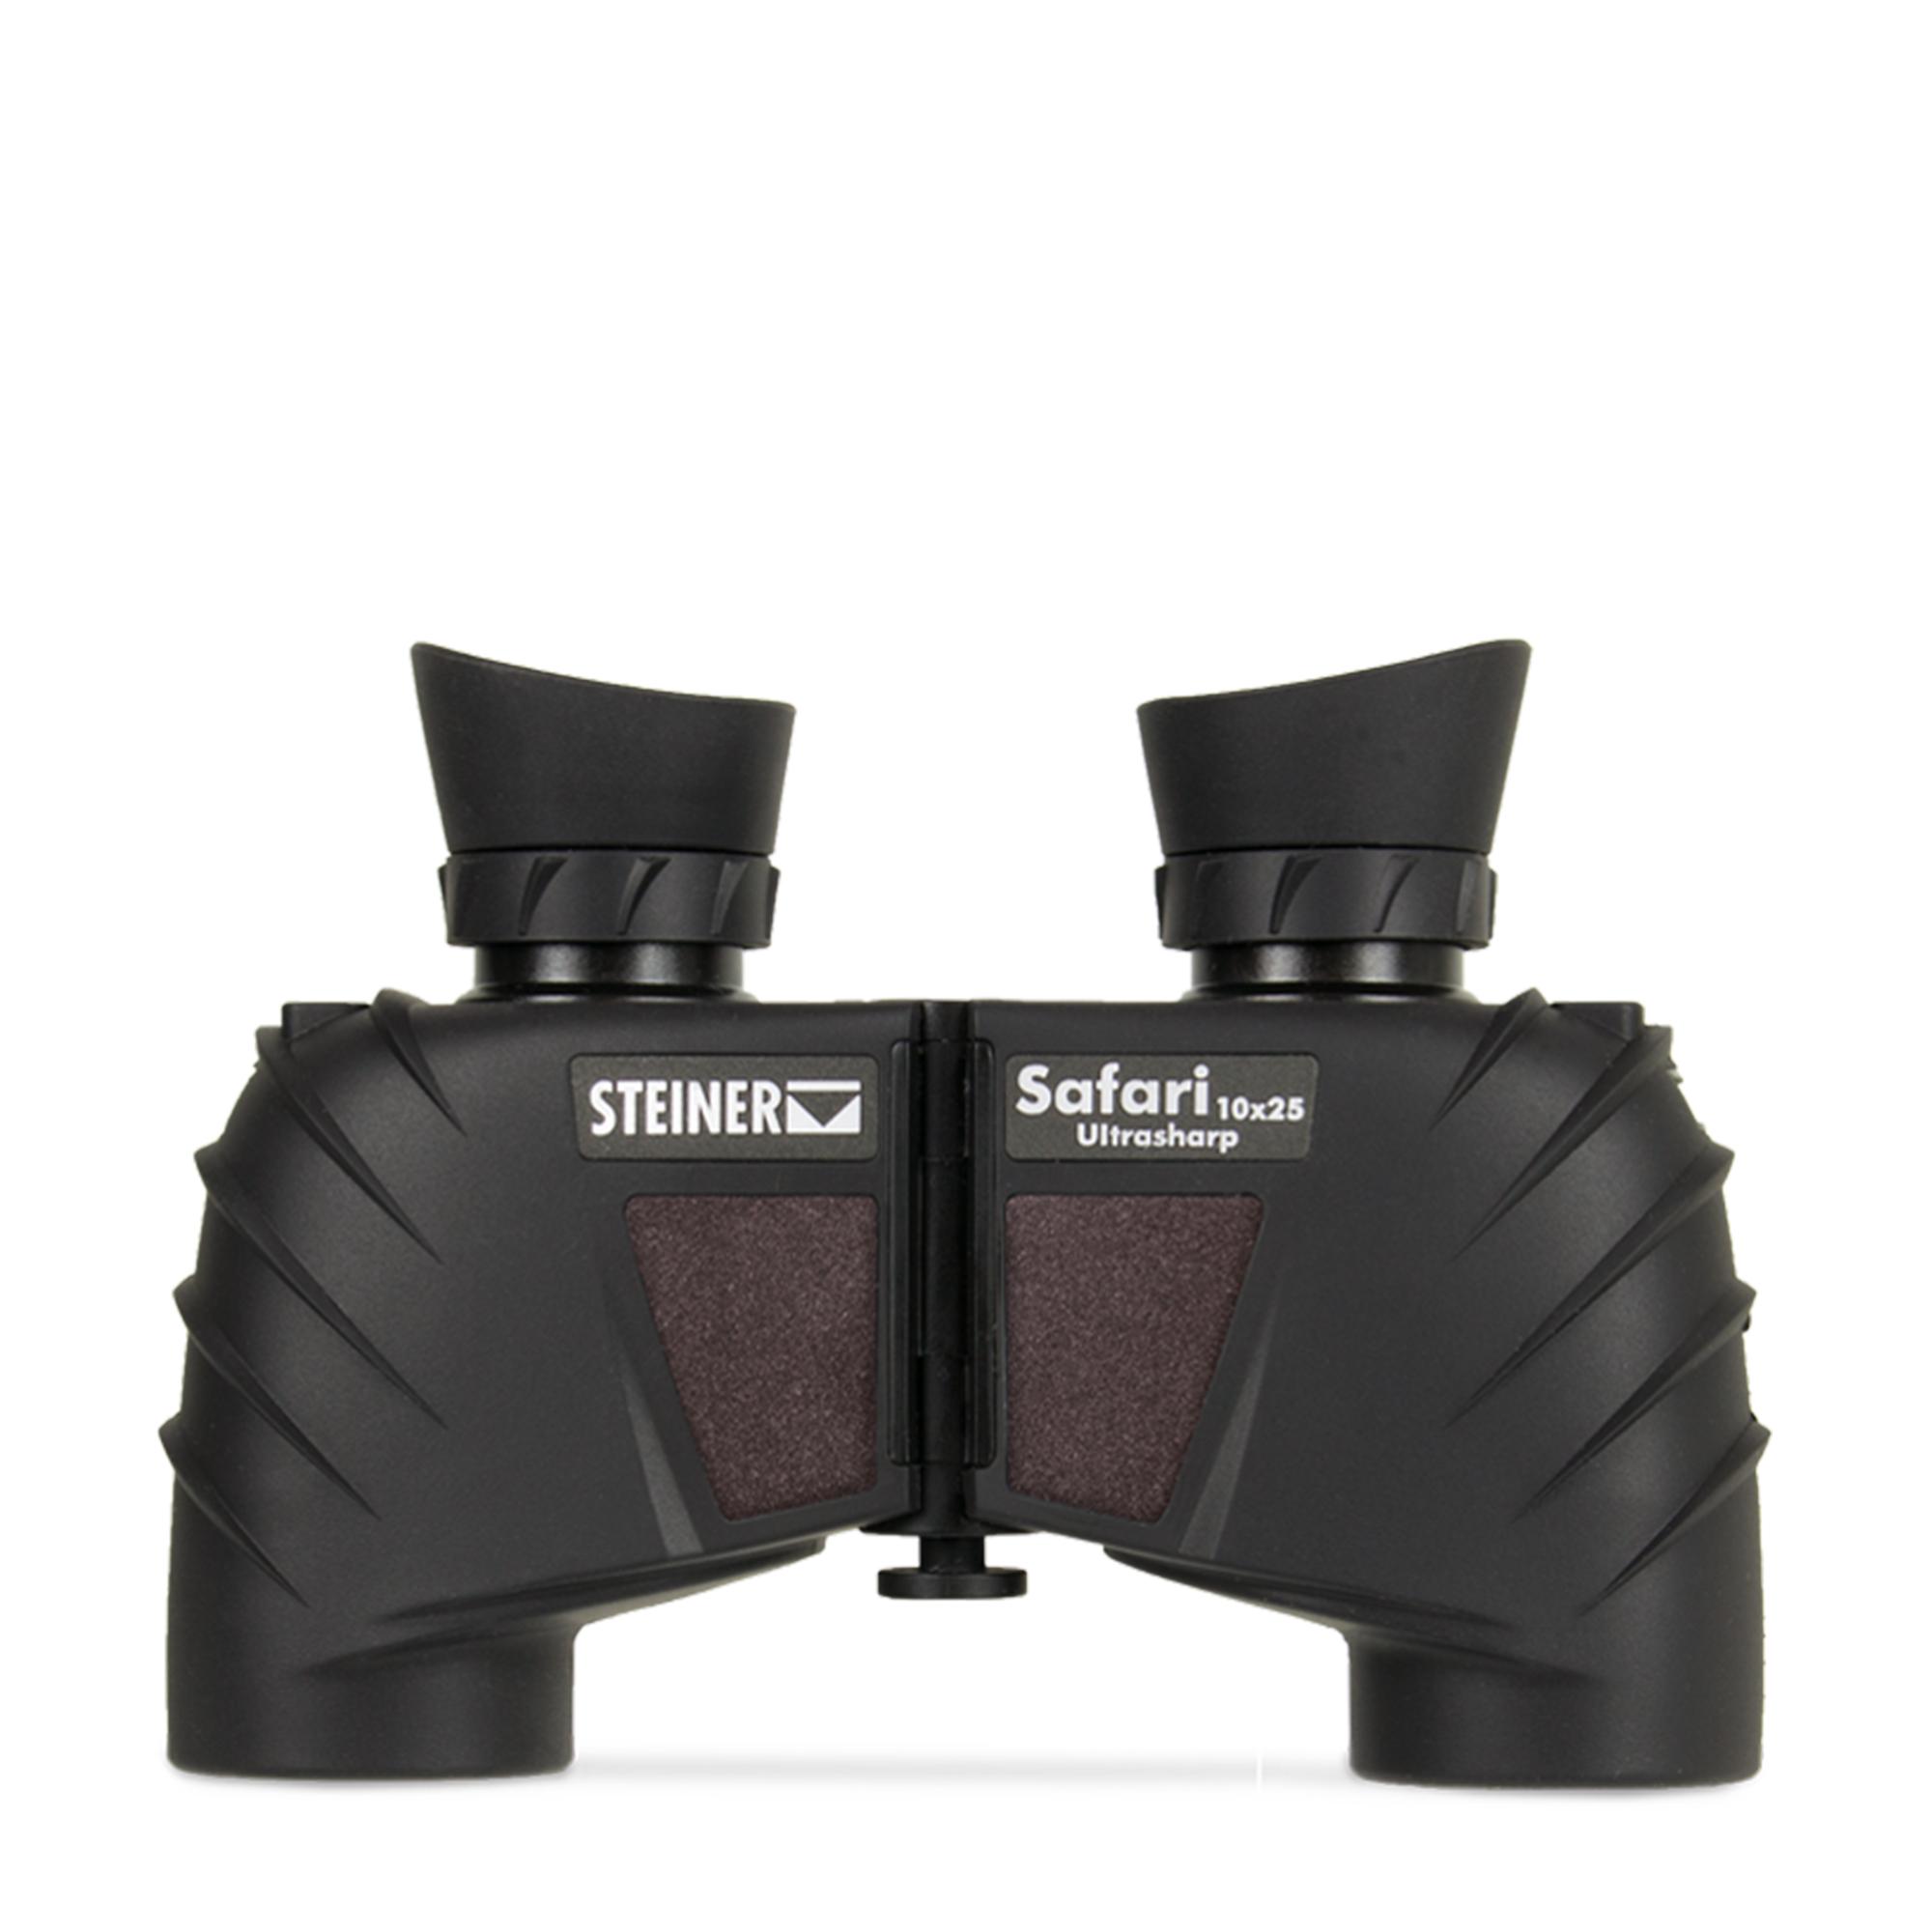 Steiner Safari Ultra Sharp 10x25 Binocular